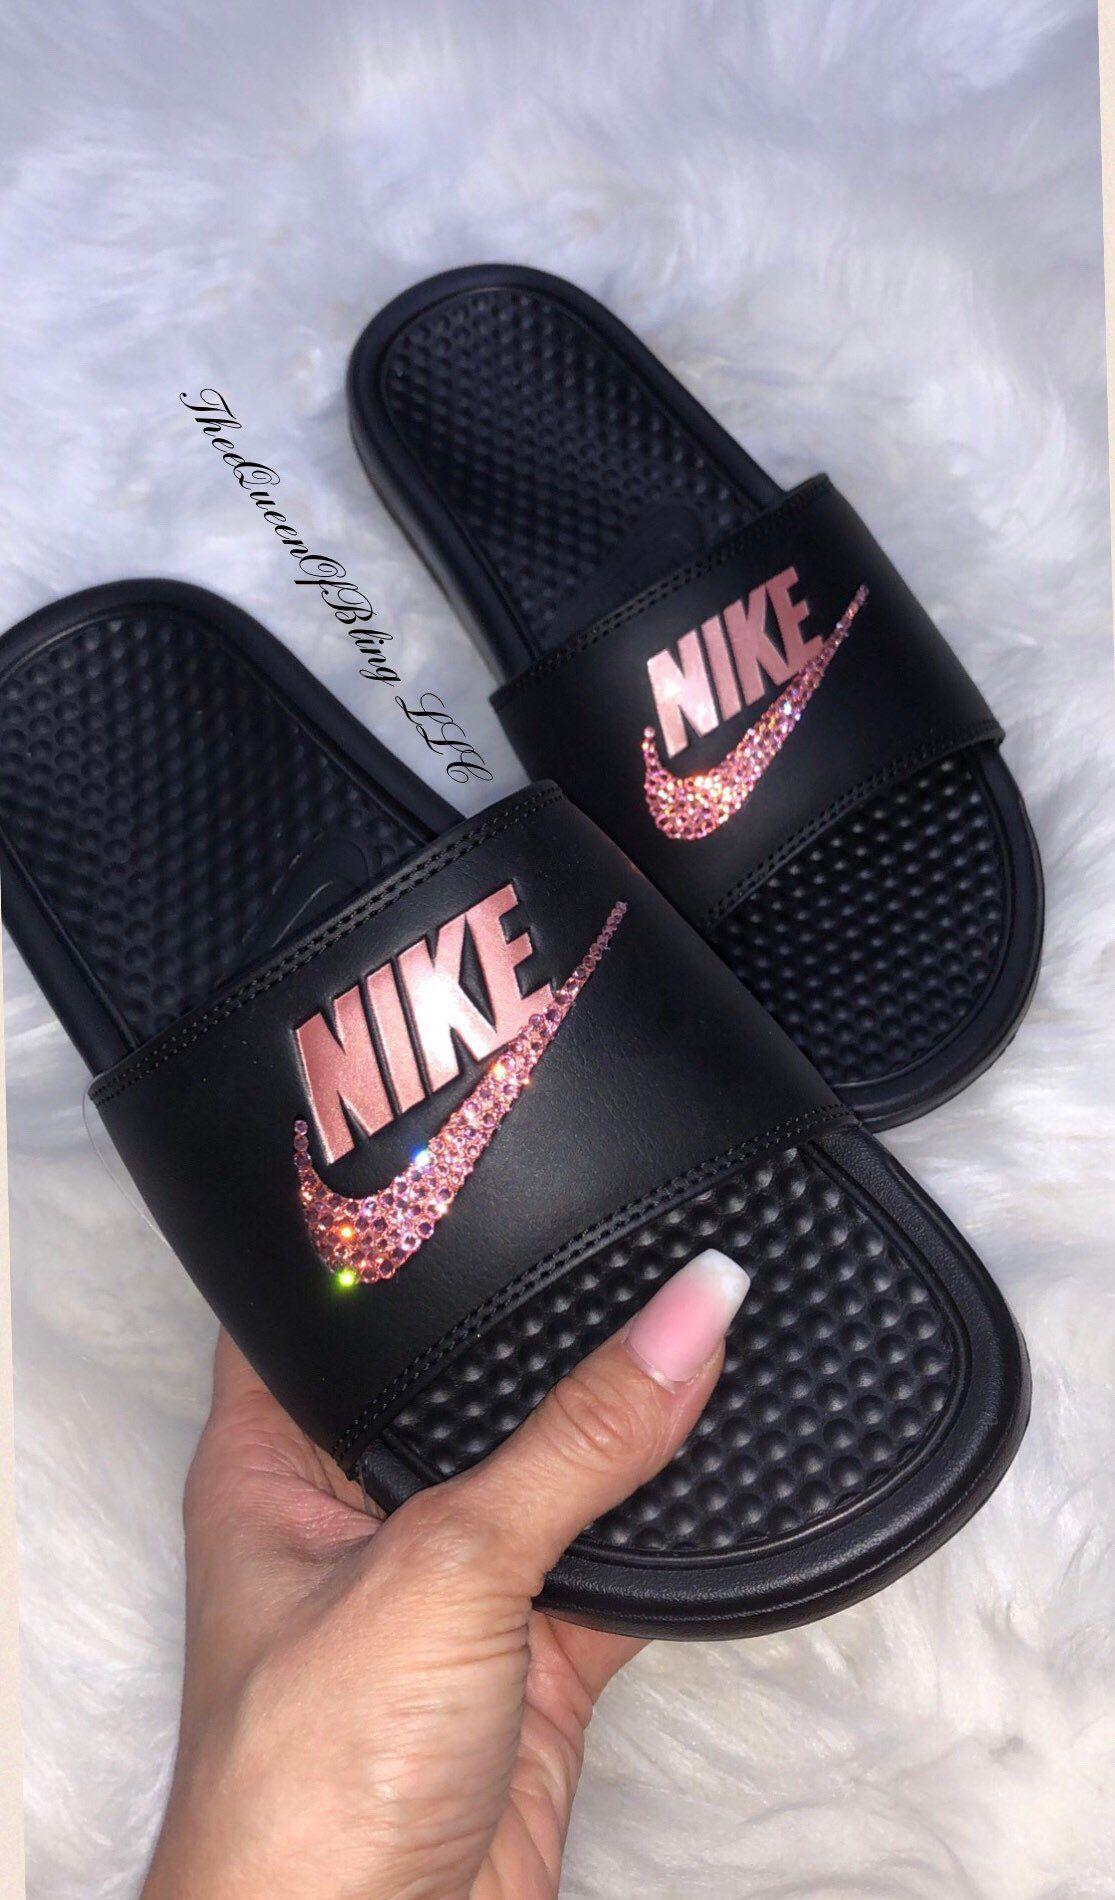 various colors 75953 444c5 Nike Benassi Slides, crystalized nike slides, swarvoski nike slides  women   adidasslides  shoes  customslides  womenssandals  sandals  swarvoskislides  ...